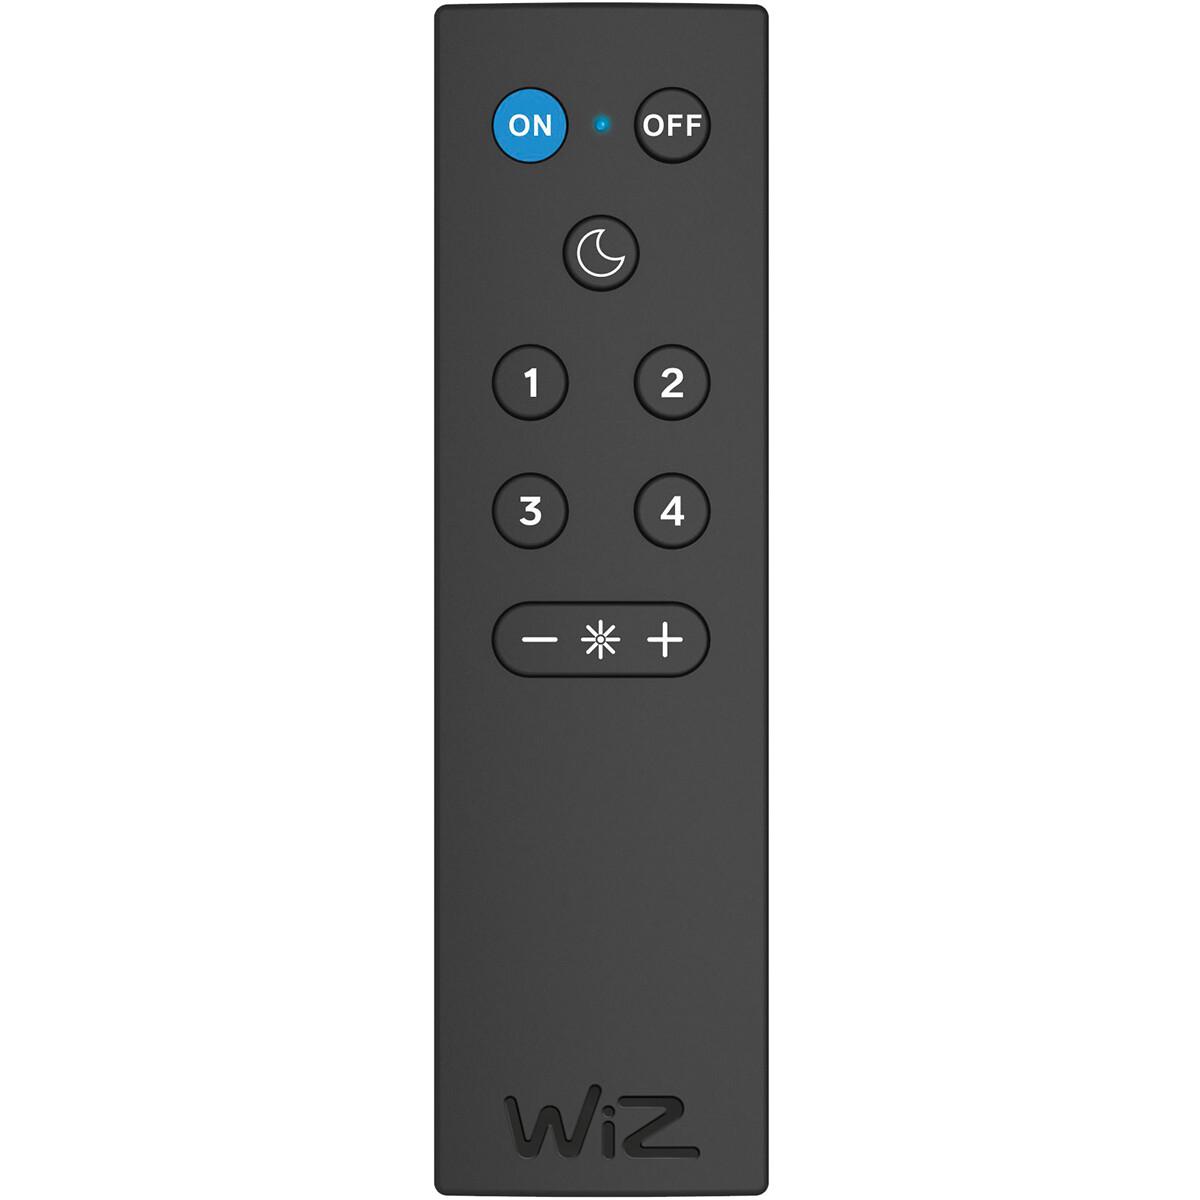 Slimme Draadloze Afstandsbediening - Trion WiZ Smart Connect - Mat Zwart